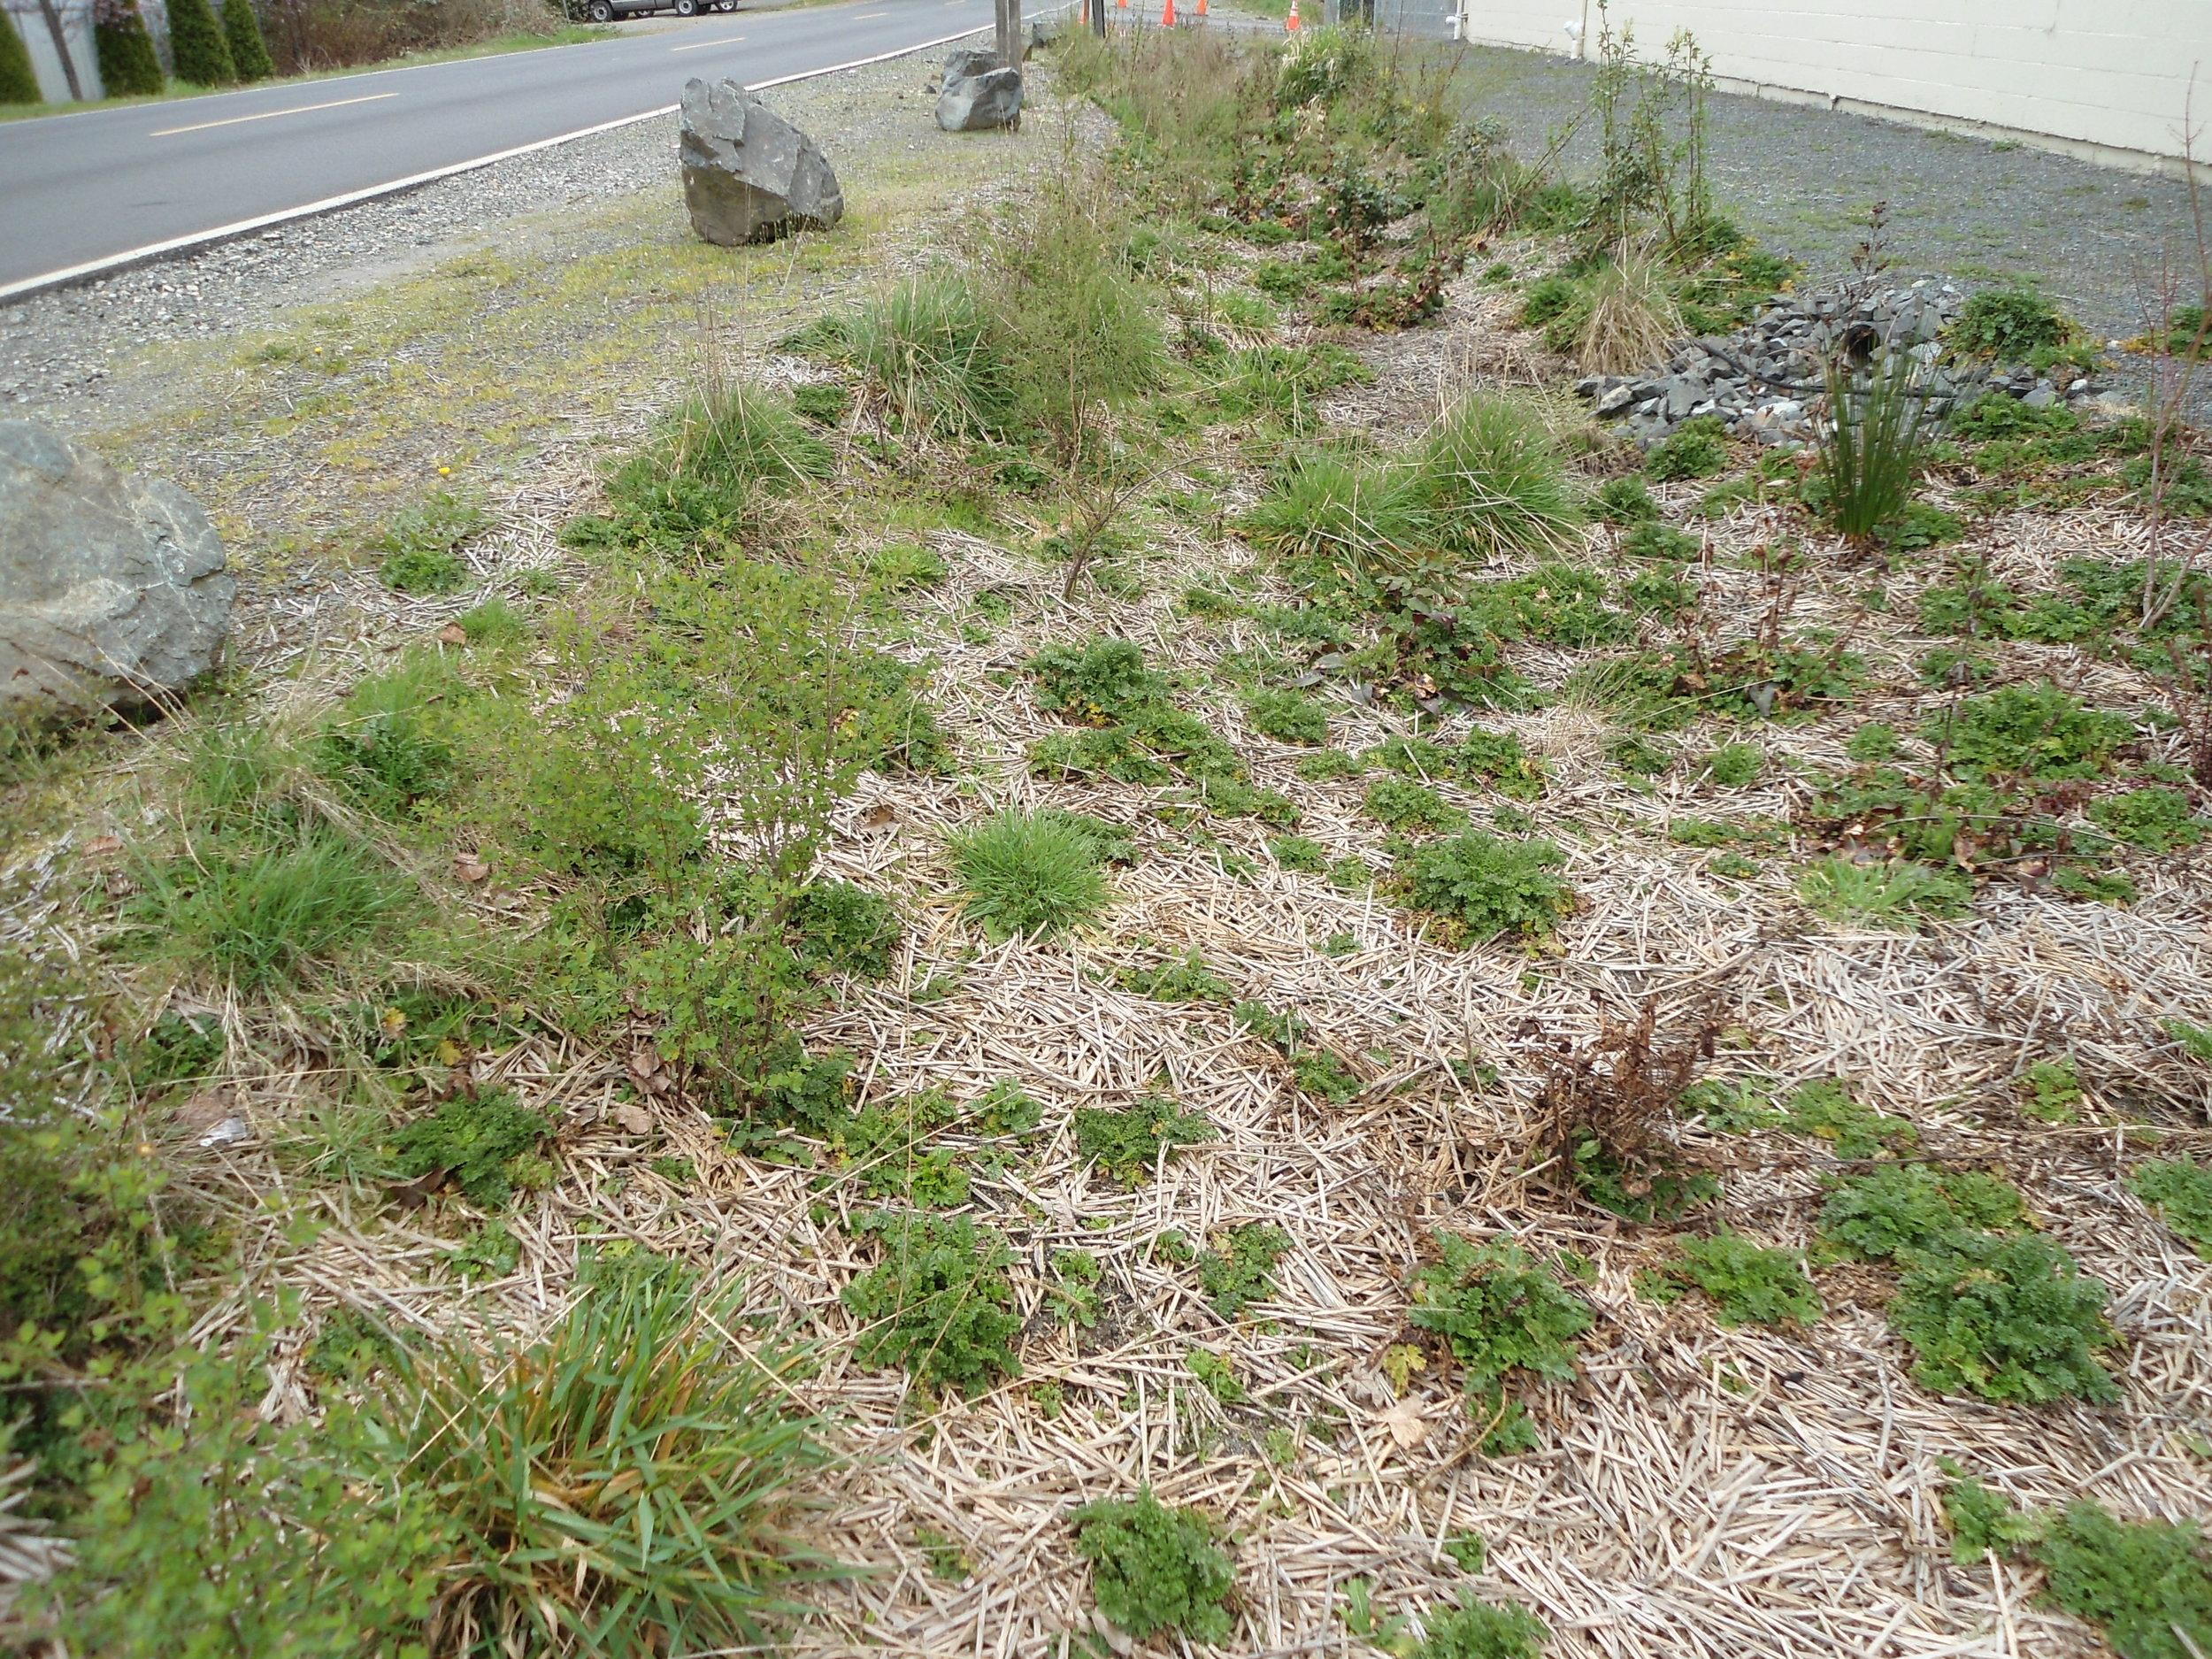 Insufficient Plant Coverage